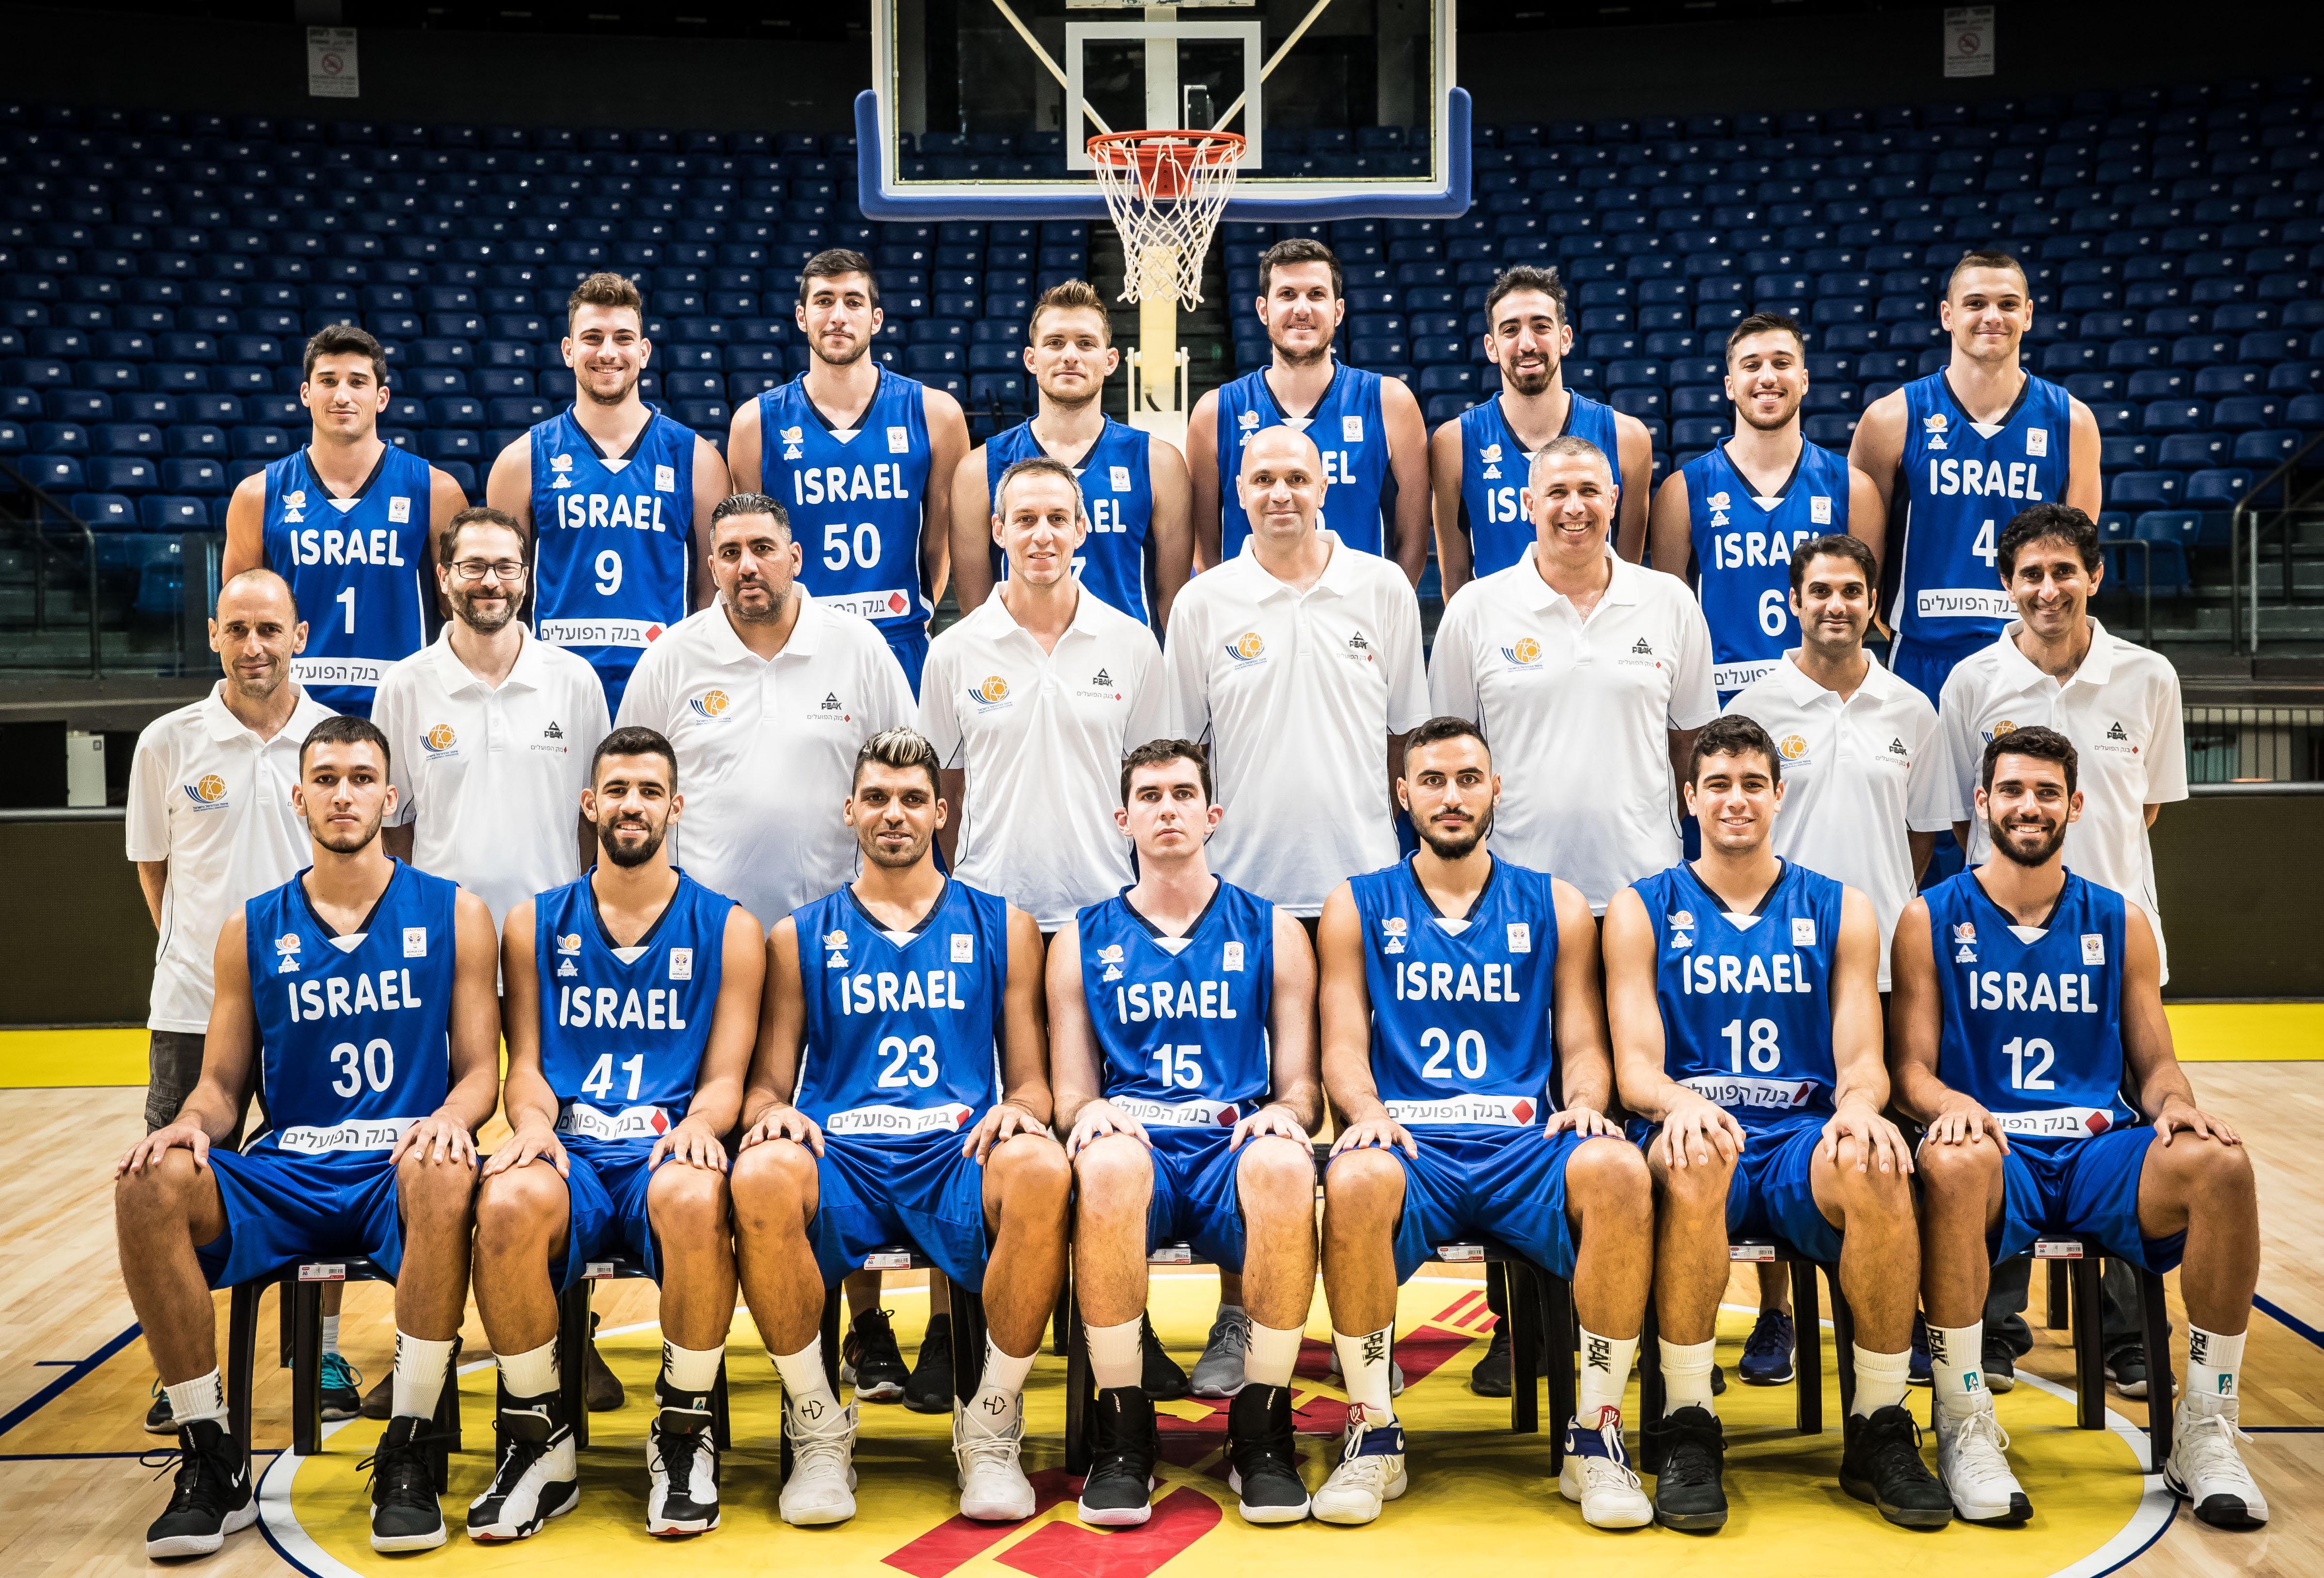 27 שחקנים זומנו לסגל הרחב של נבחרת ישראל לקראת החלון החמישי של מוקדמות גביע העולם